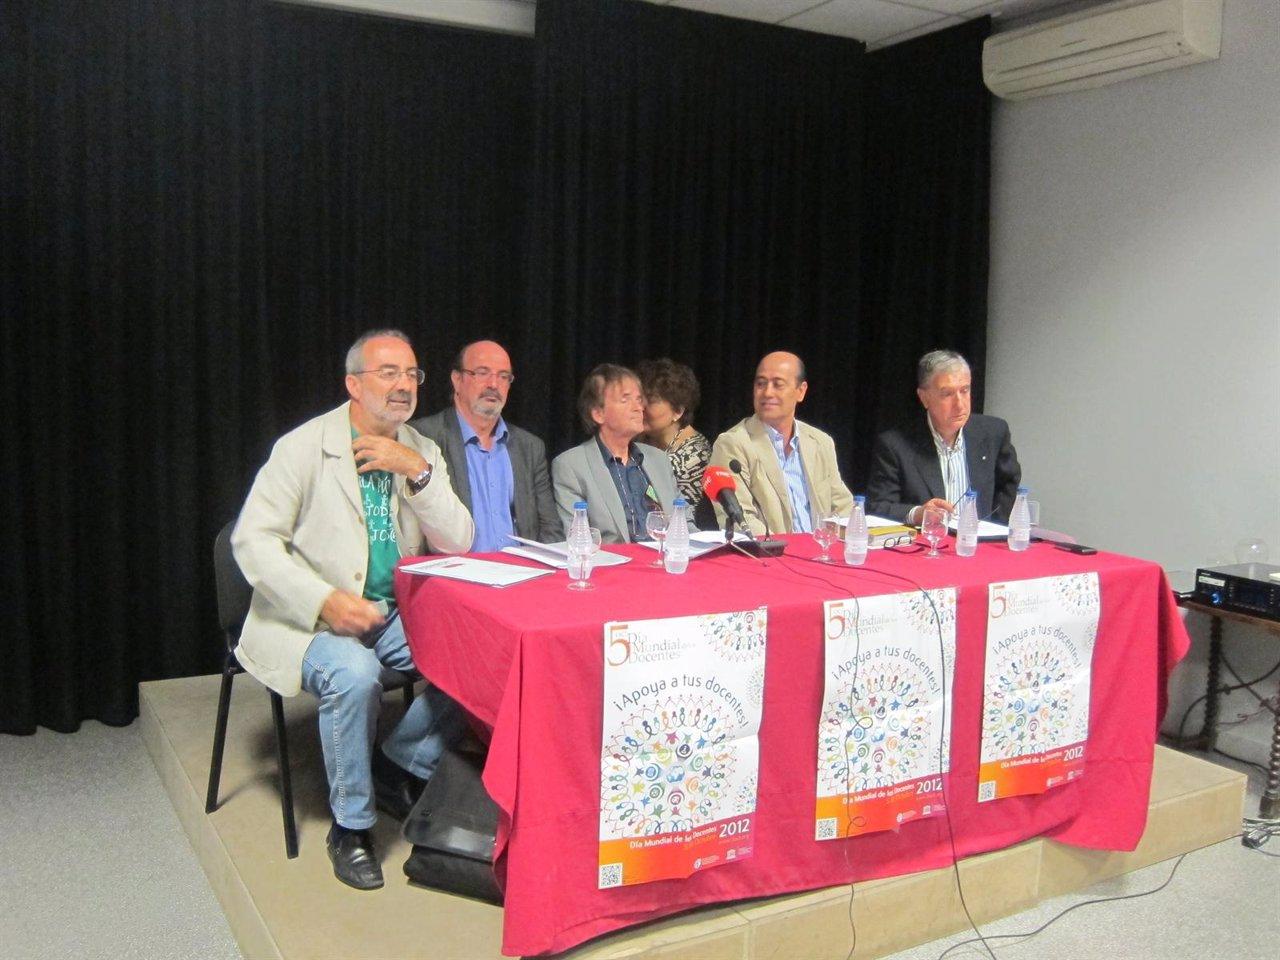 Sindicatos De Enseñanza En La Rueda De Prensa Por El Día Mundial De Los Docentes